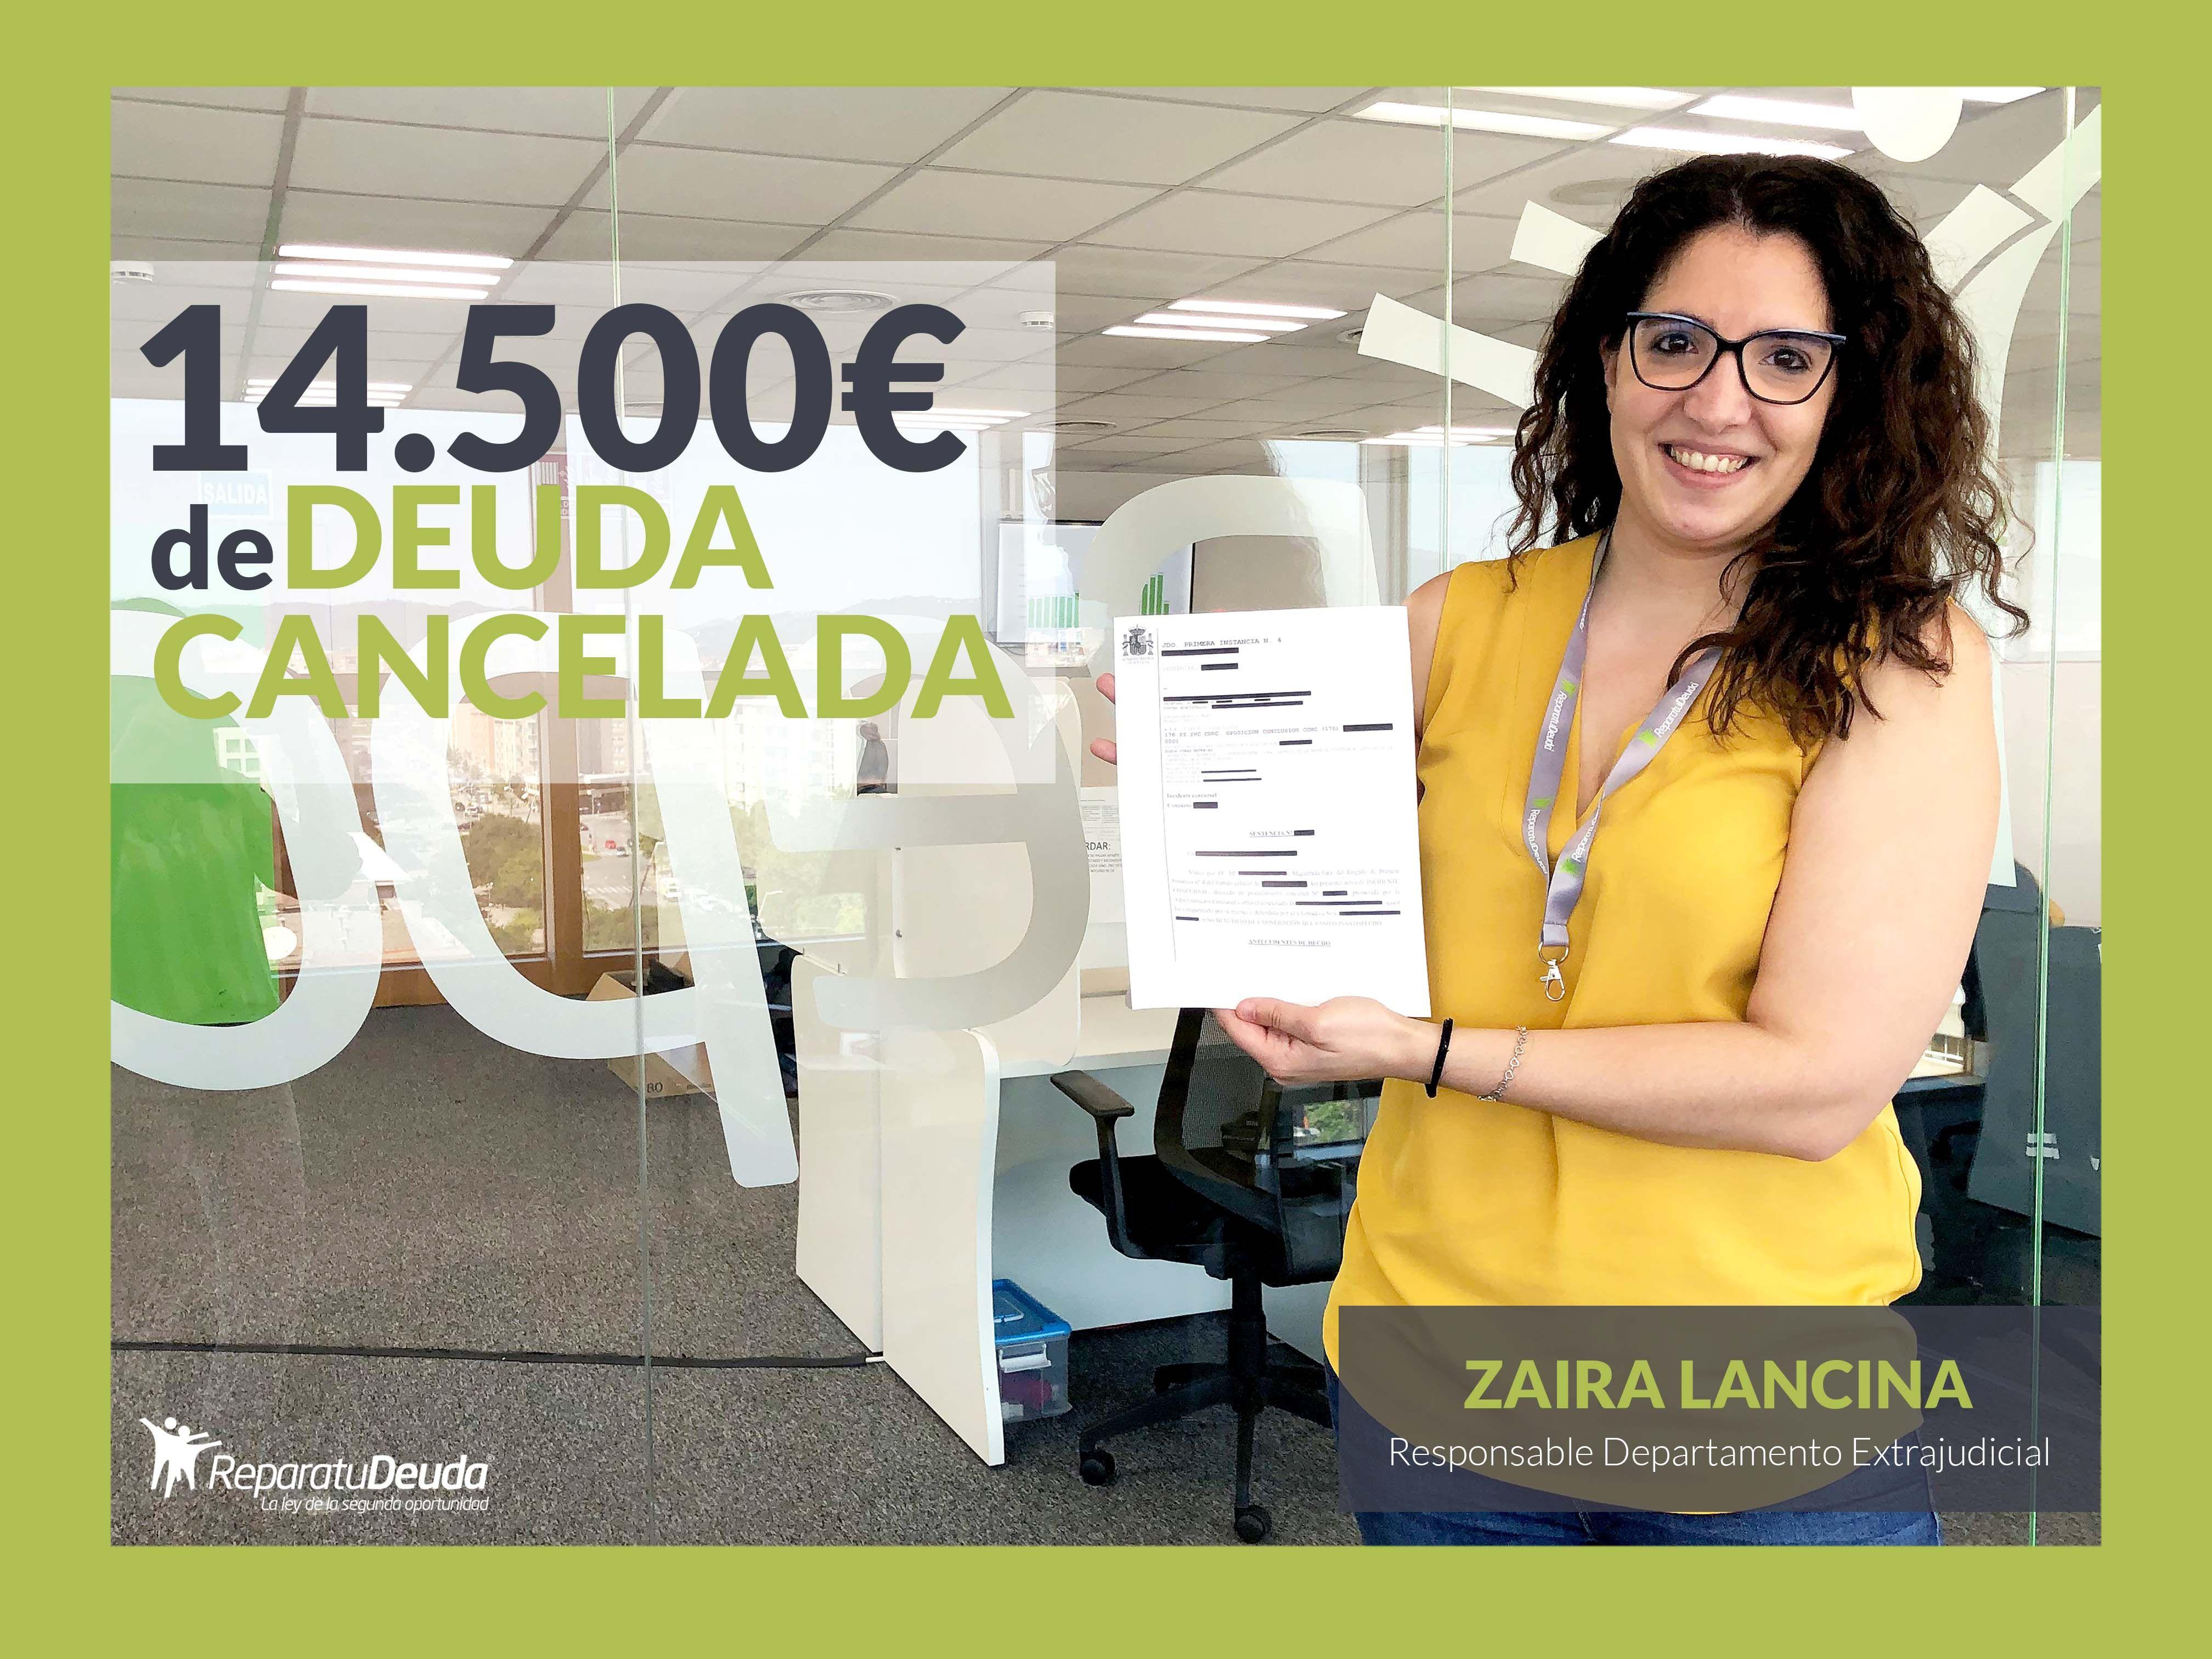 Repara tu deuda Abogados cancela 14.500 eur con 8 bancos en Madrid con la Ley de la Segunda Oportunidad